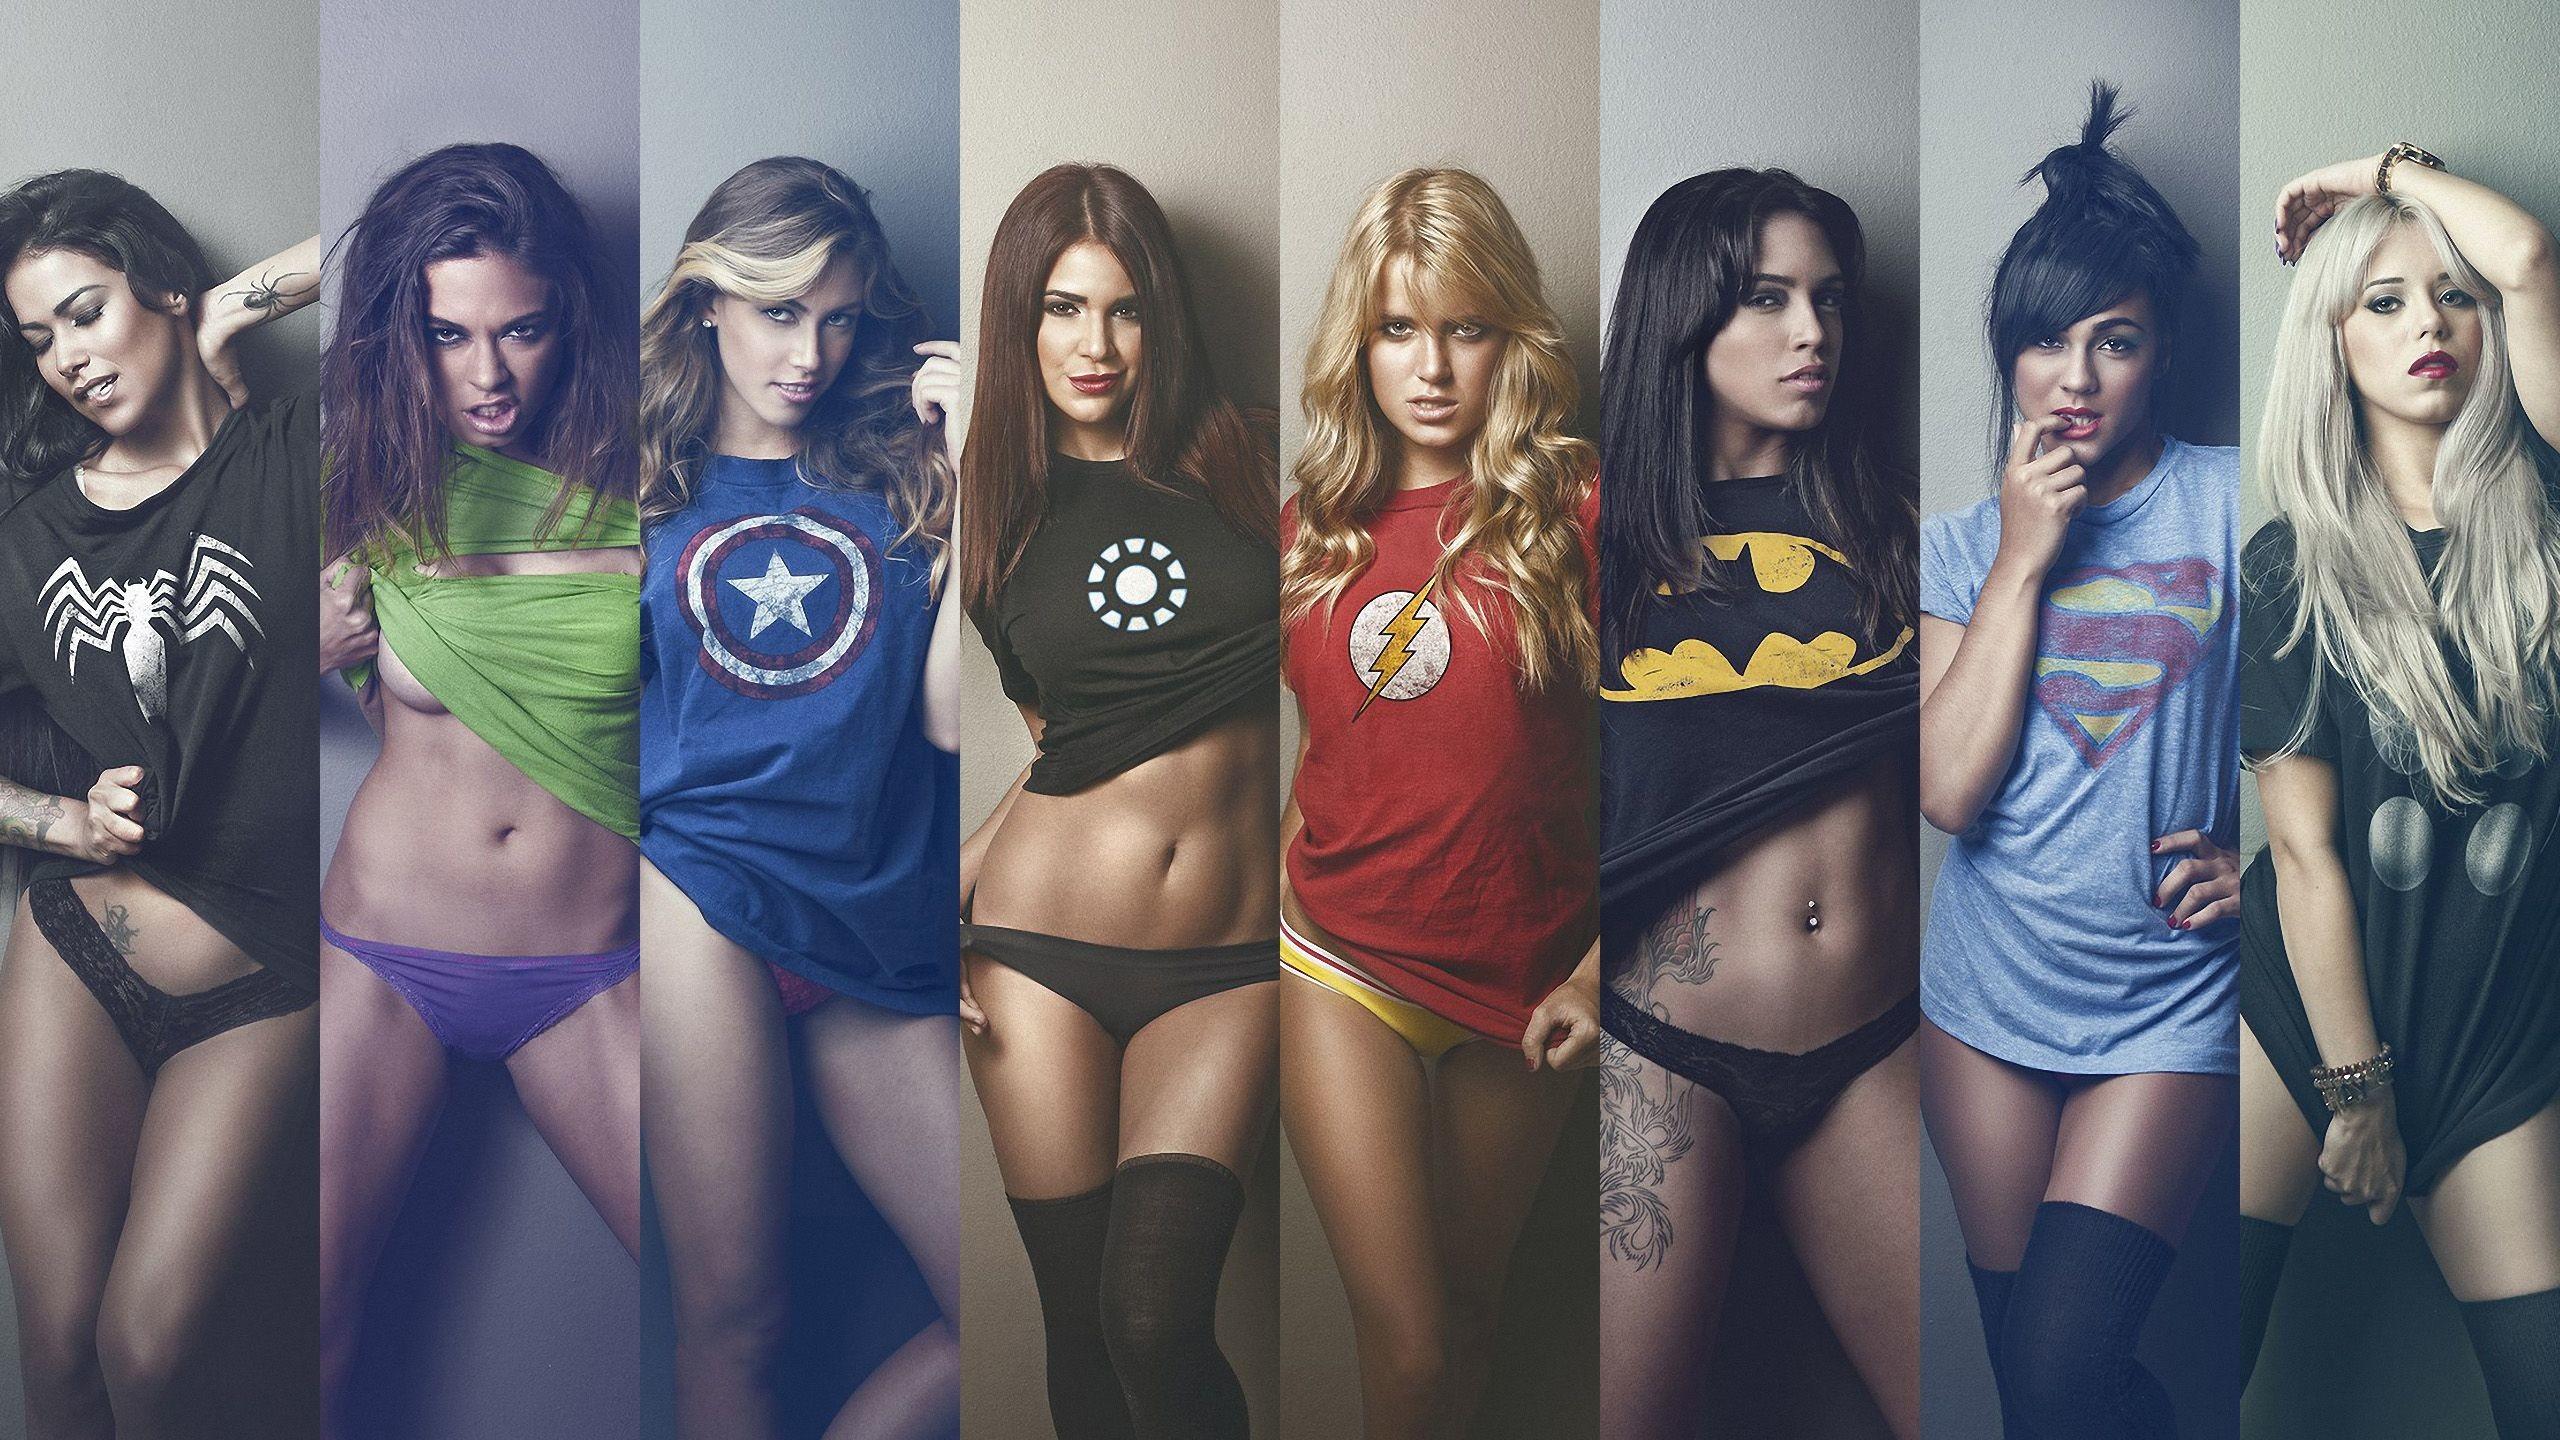 Res: 2560x1440, Girls Wearing Superhero Shirts wallpaper